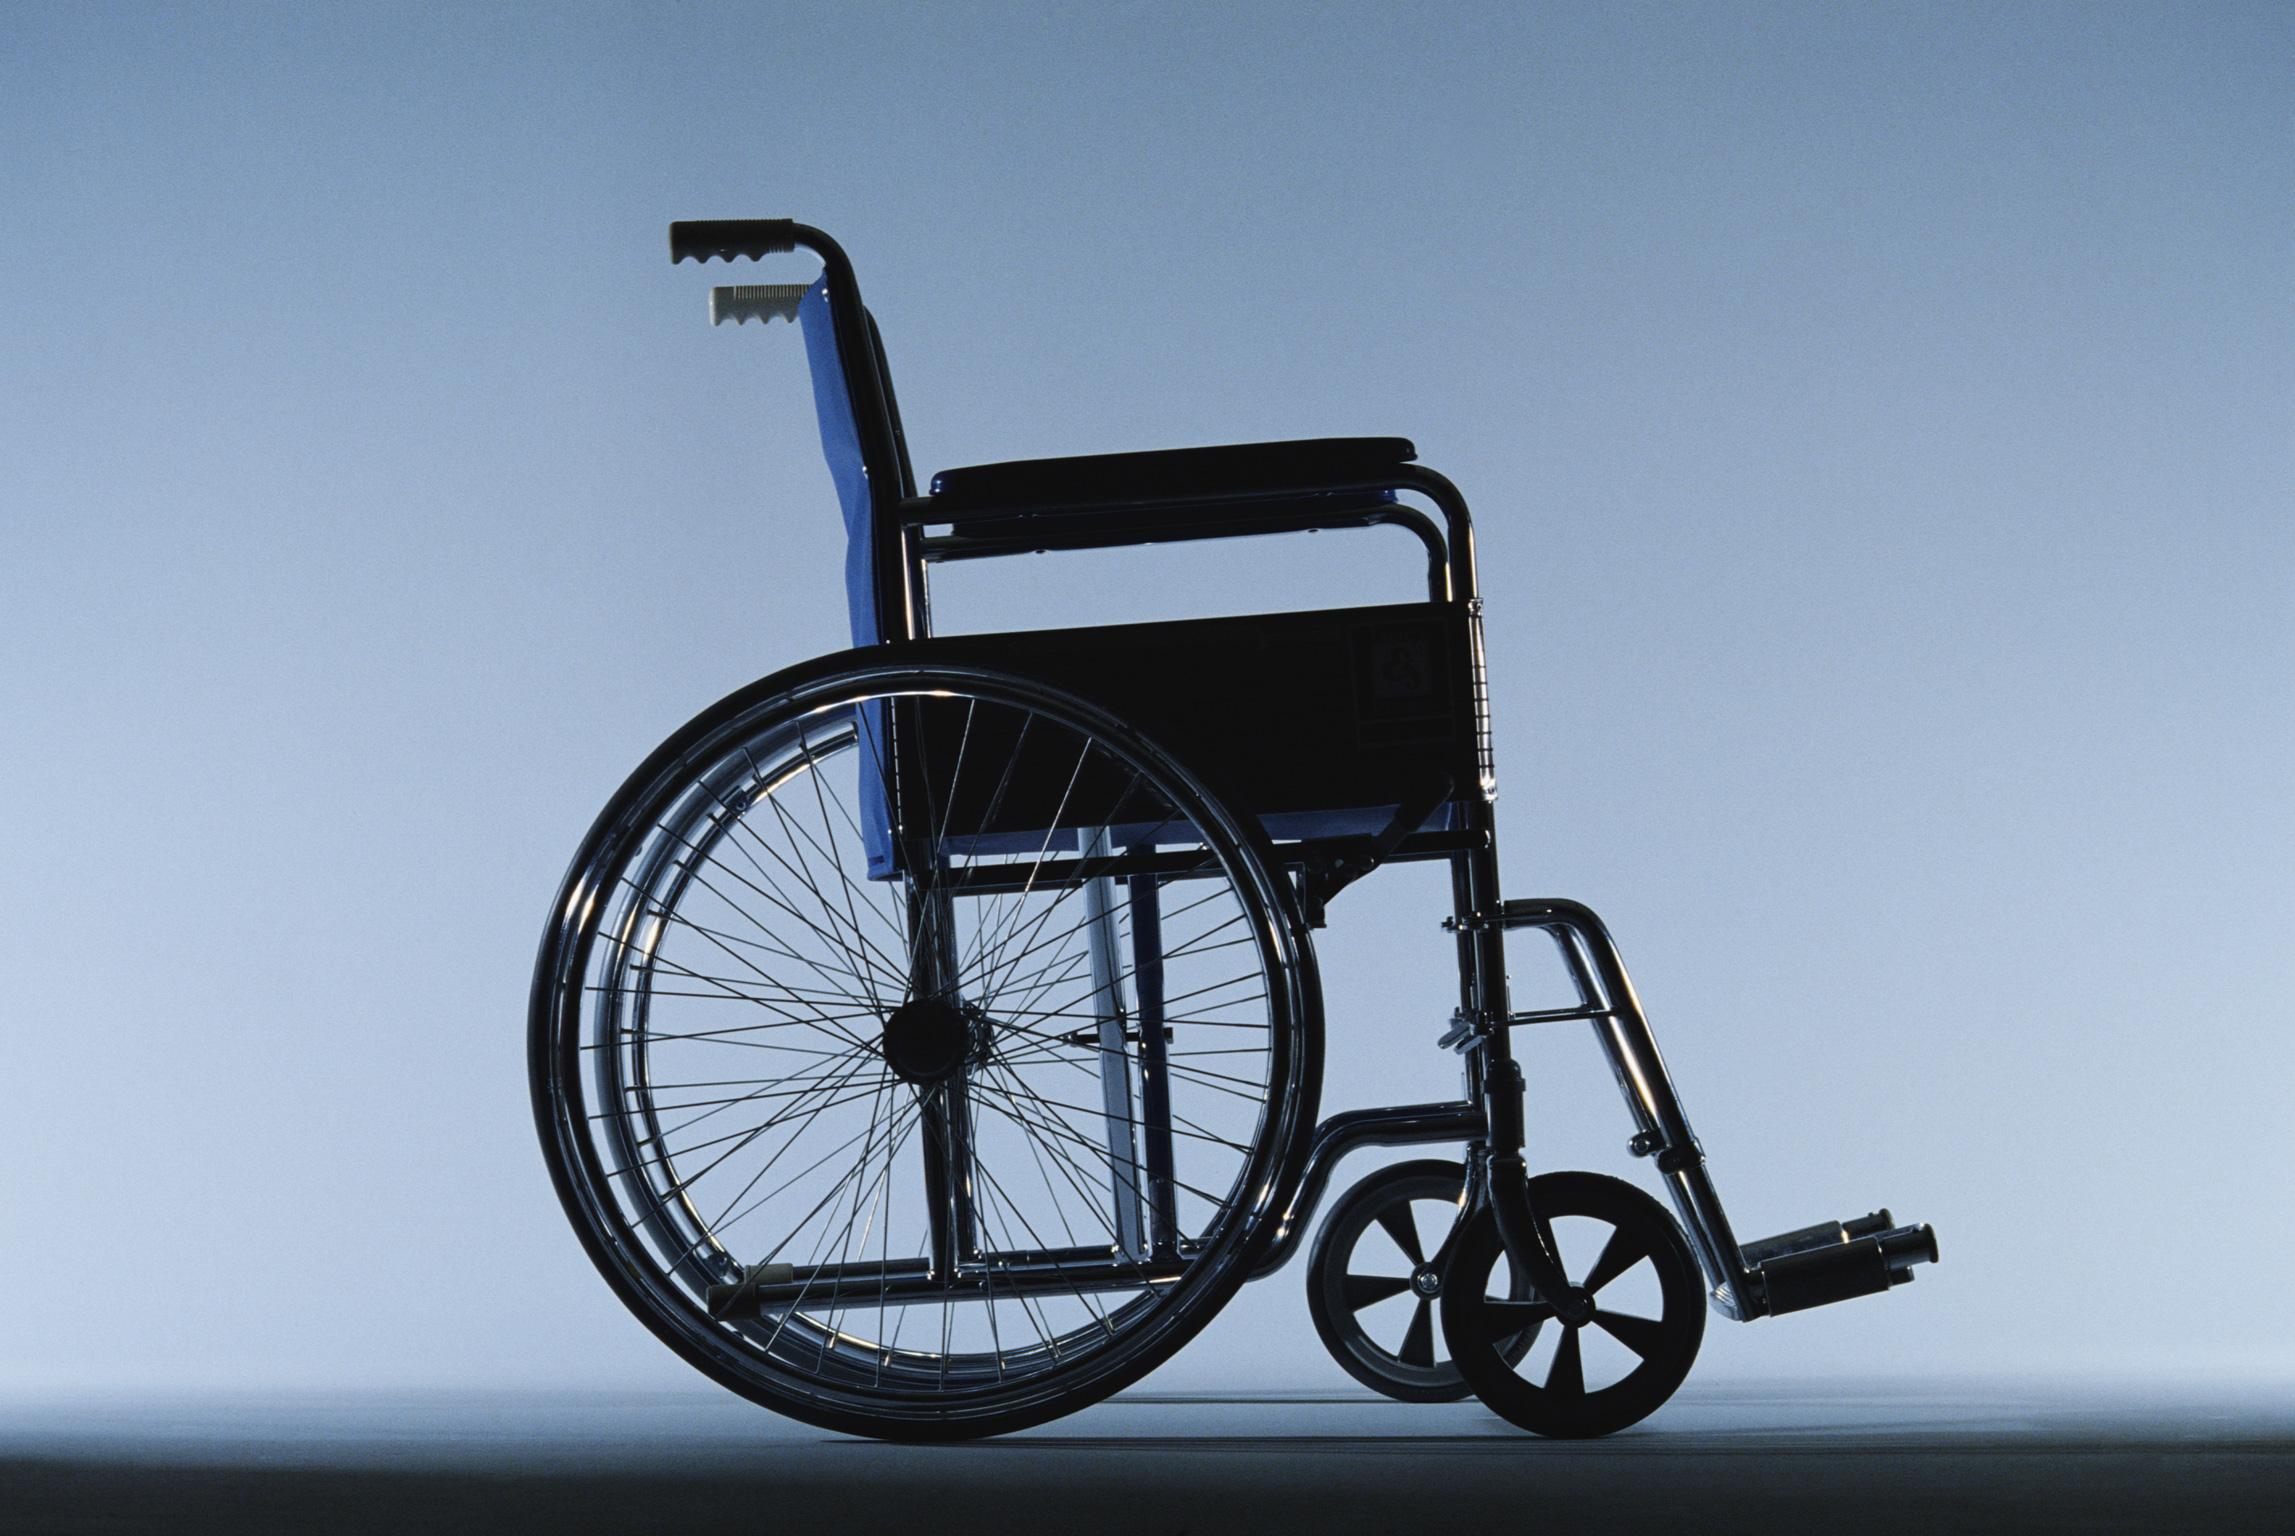 День відкритих дверей та Ярмарок вакансій до Міжнародного дня інвалідів проведуть у Мукачеві